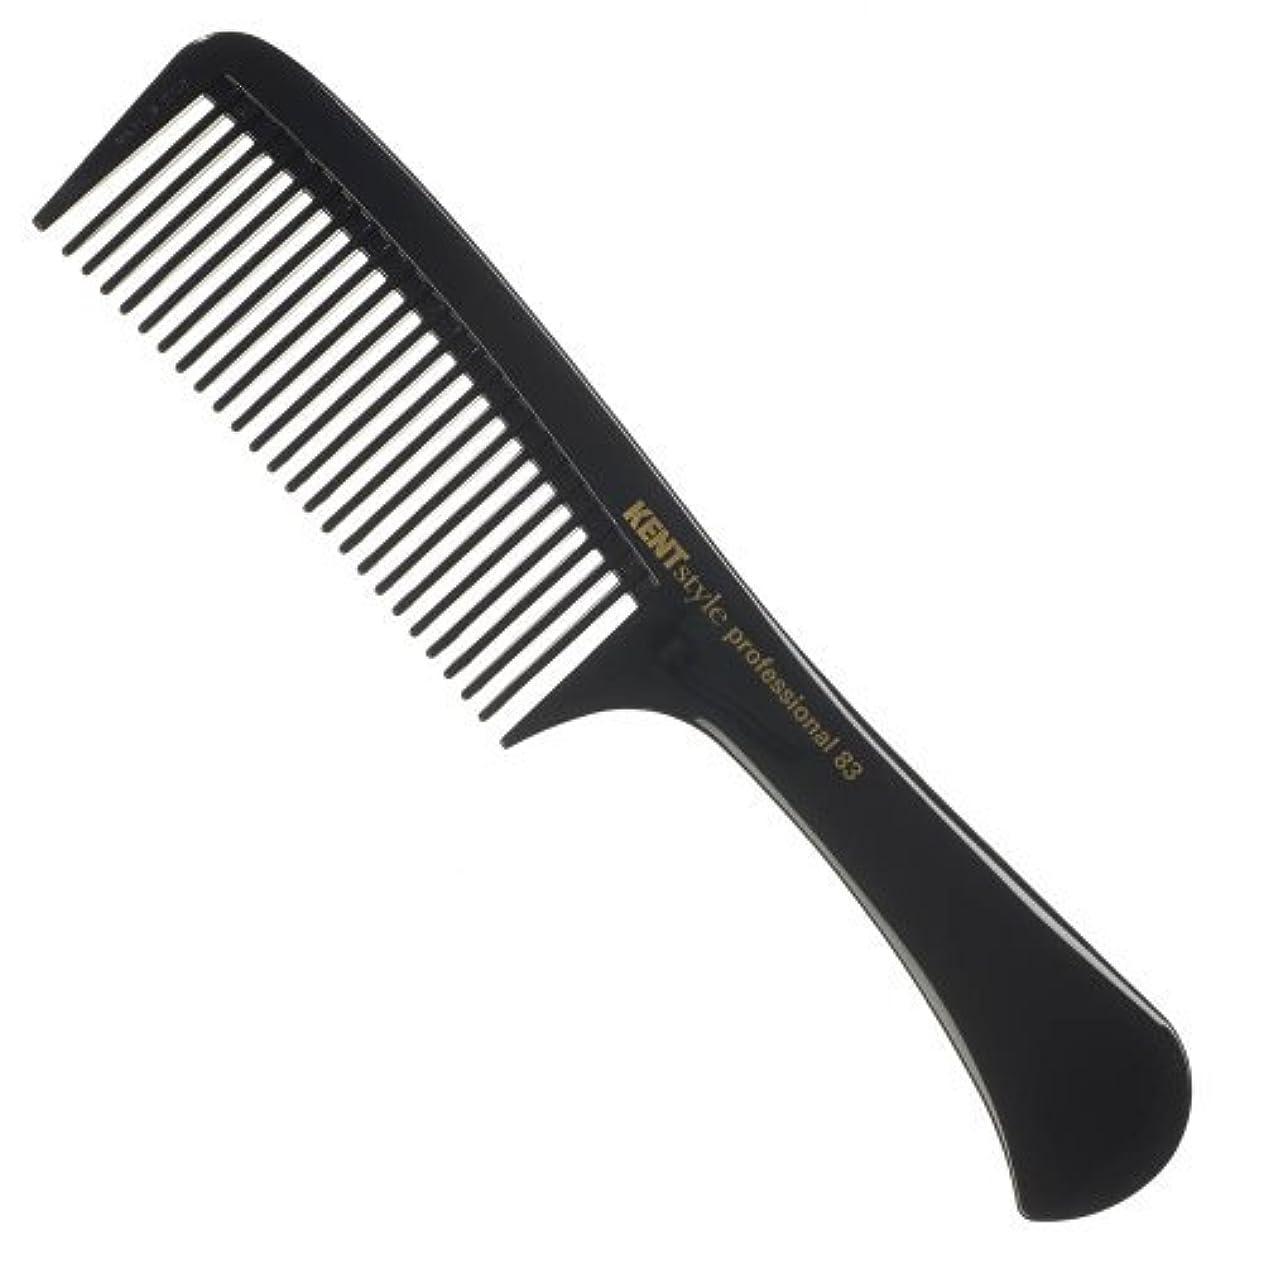 ストレス安全性駐地Kent Style Professional Combs (Black) - Hard Rubber, Anti-static, Unbreakable & Heat Resistant - Salon & Barber...